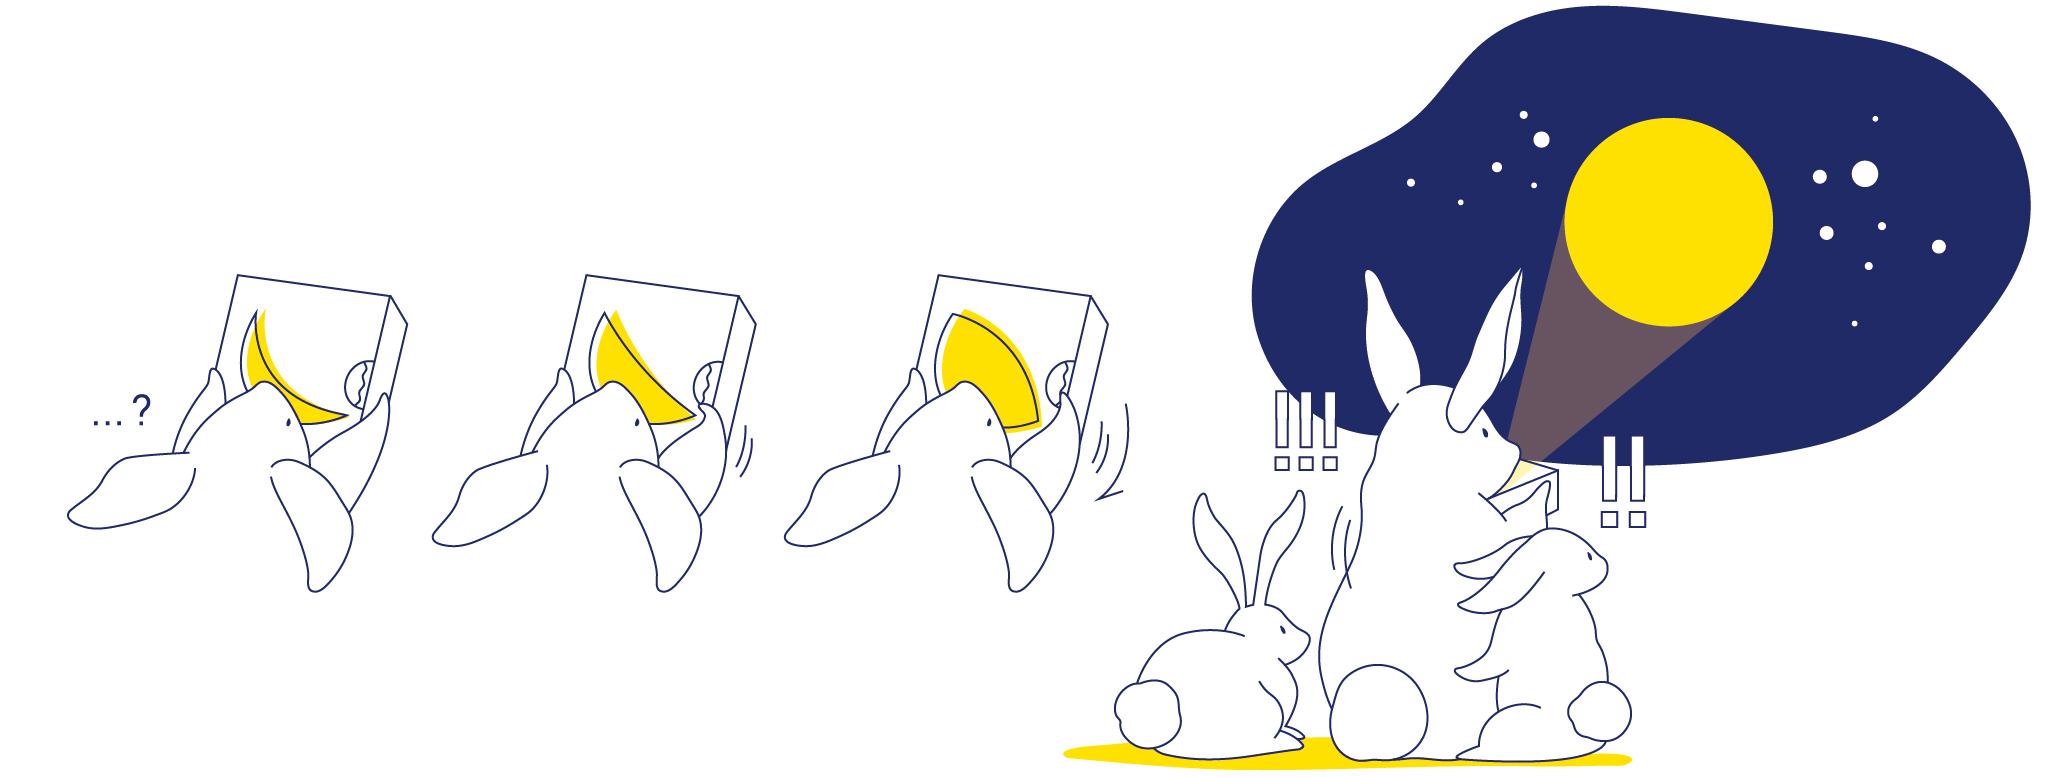 中秋滿月一直是人們歸鄉團聚的指引,如果一個盒子能讓你玩味月亮的陰晴圓缺,轉到滿月時候還會在天空透射出滿月光,那每天都是中秋節了。